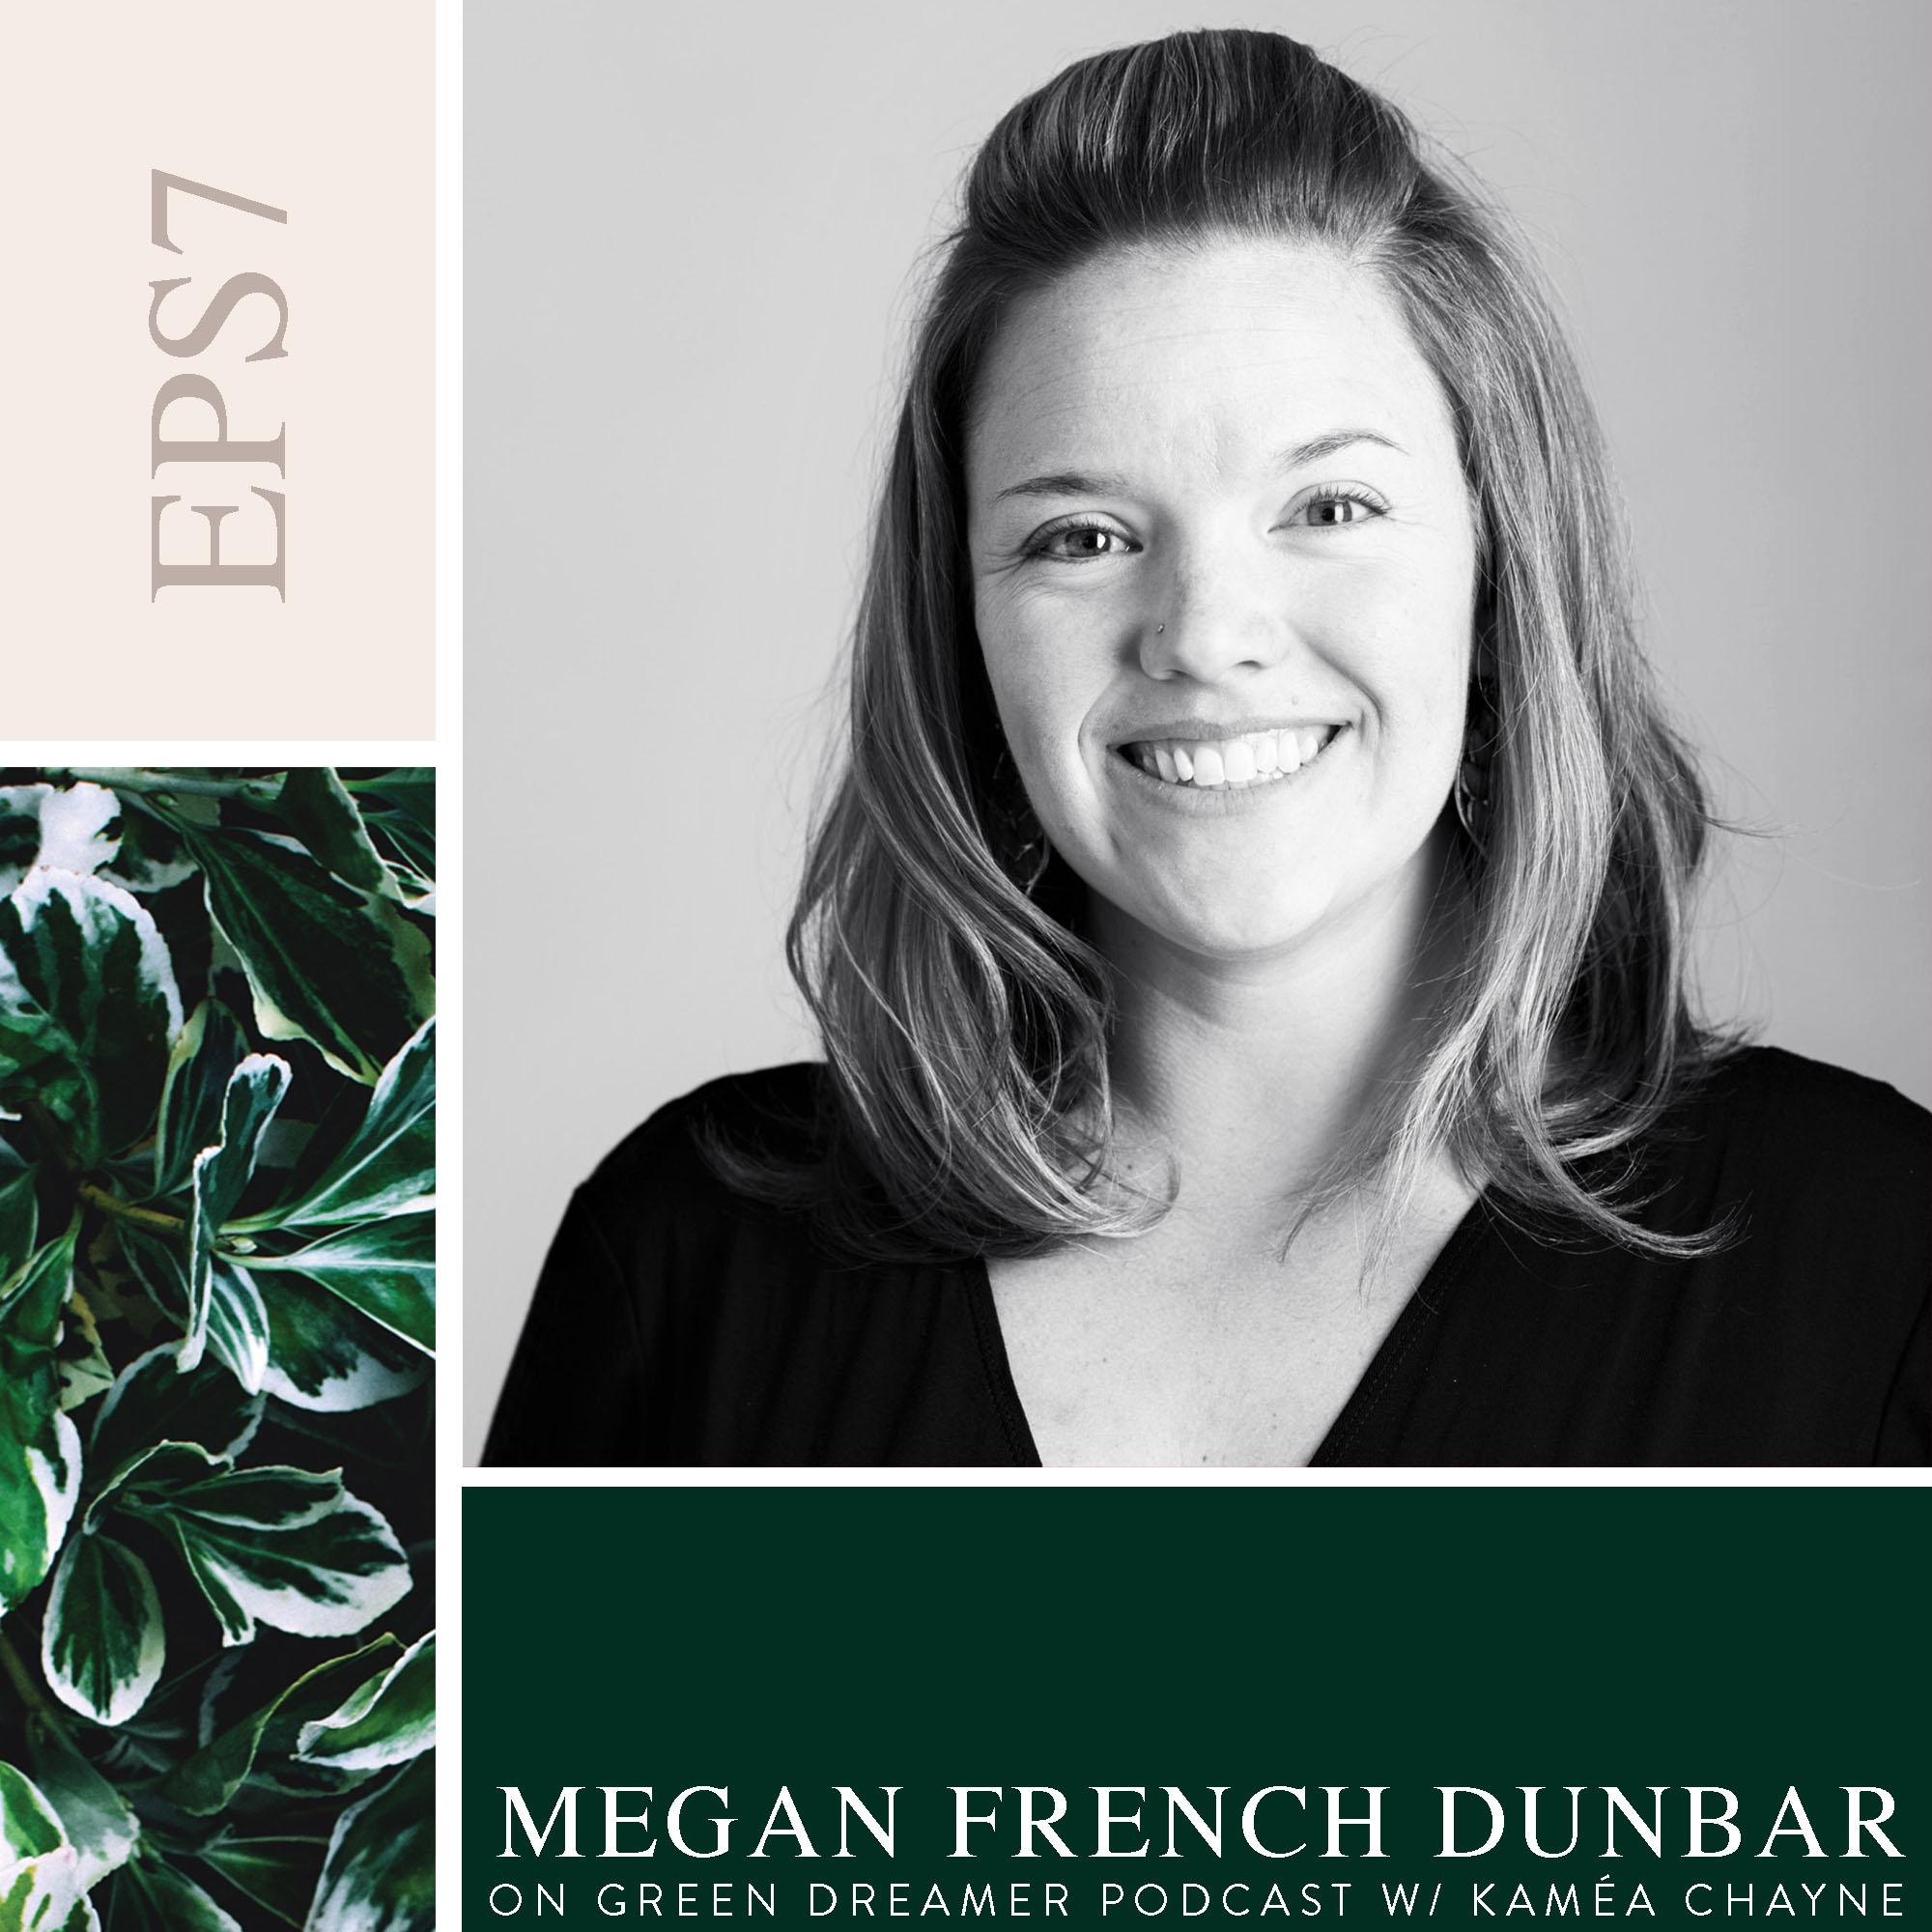 Meghan French Dunbar on Sustainability via Green Dreamer Podcast with Kaméa Chayne